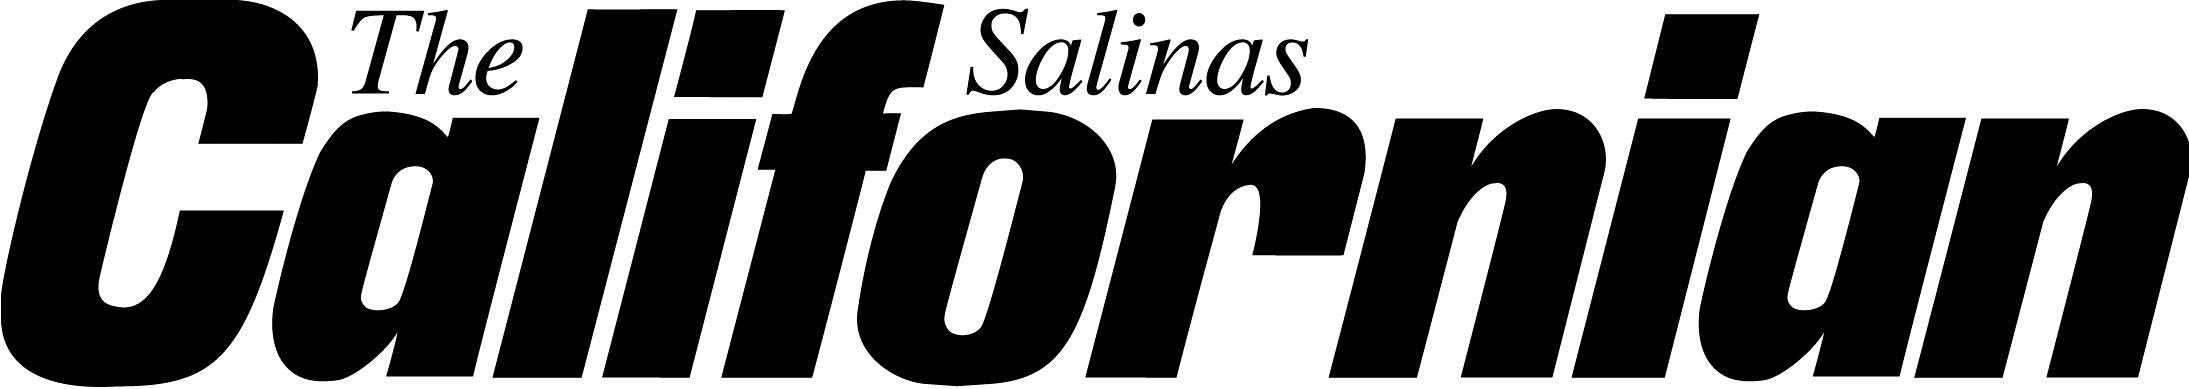 The Salinas Californian